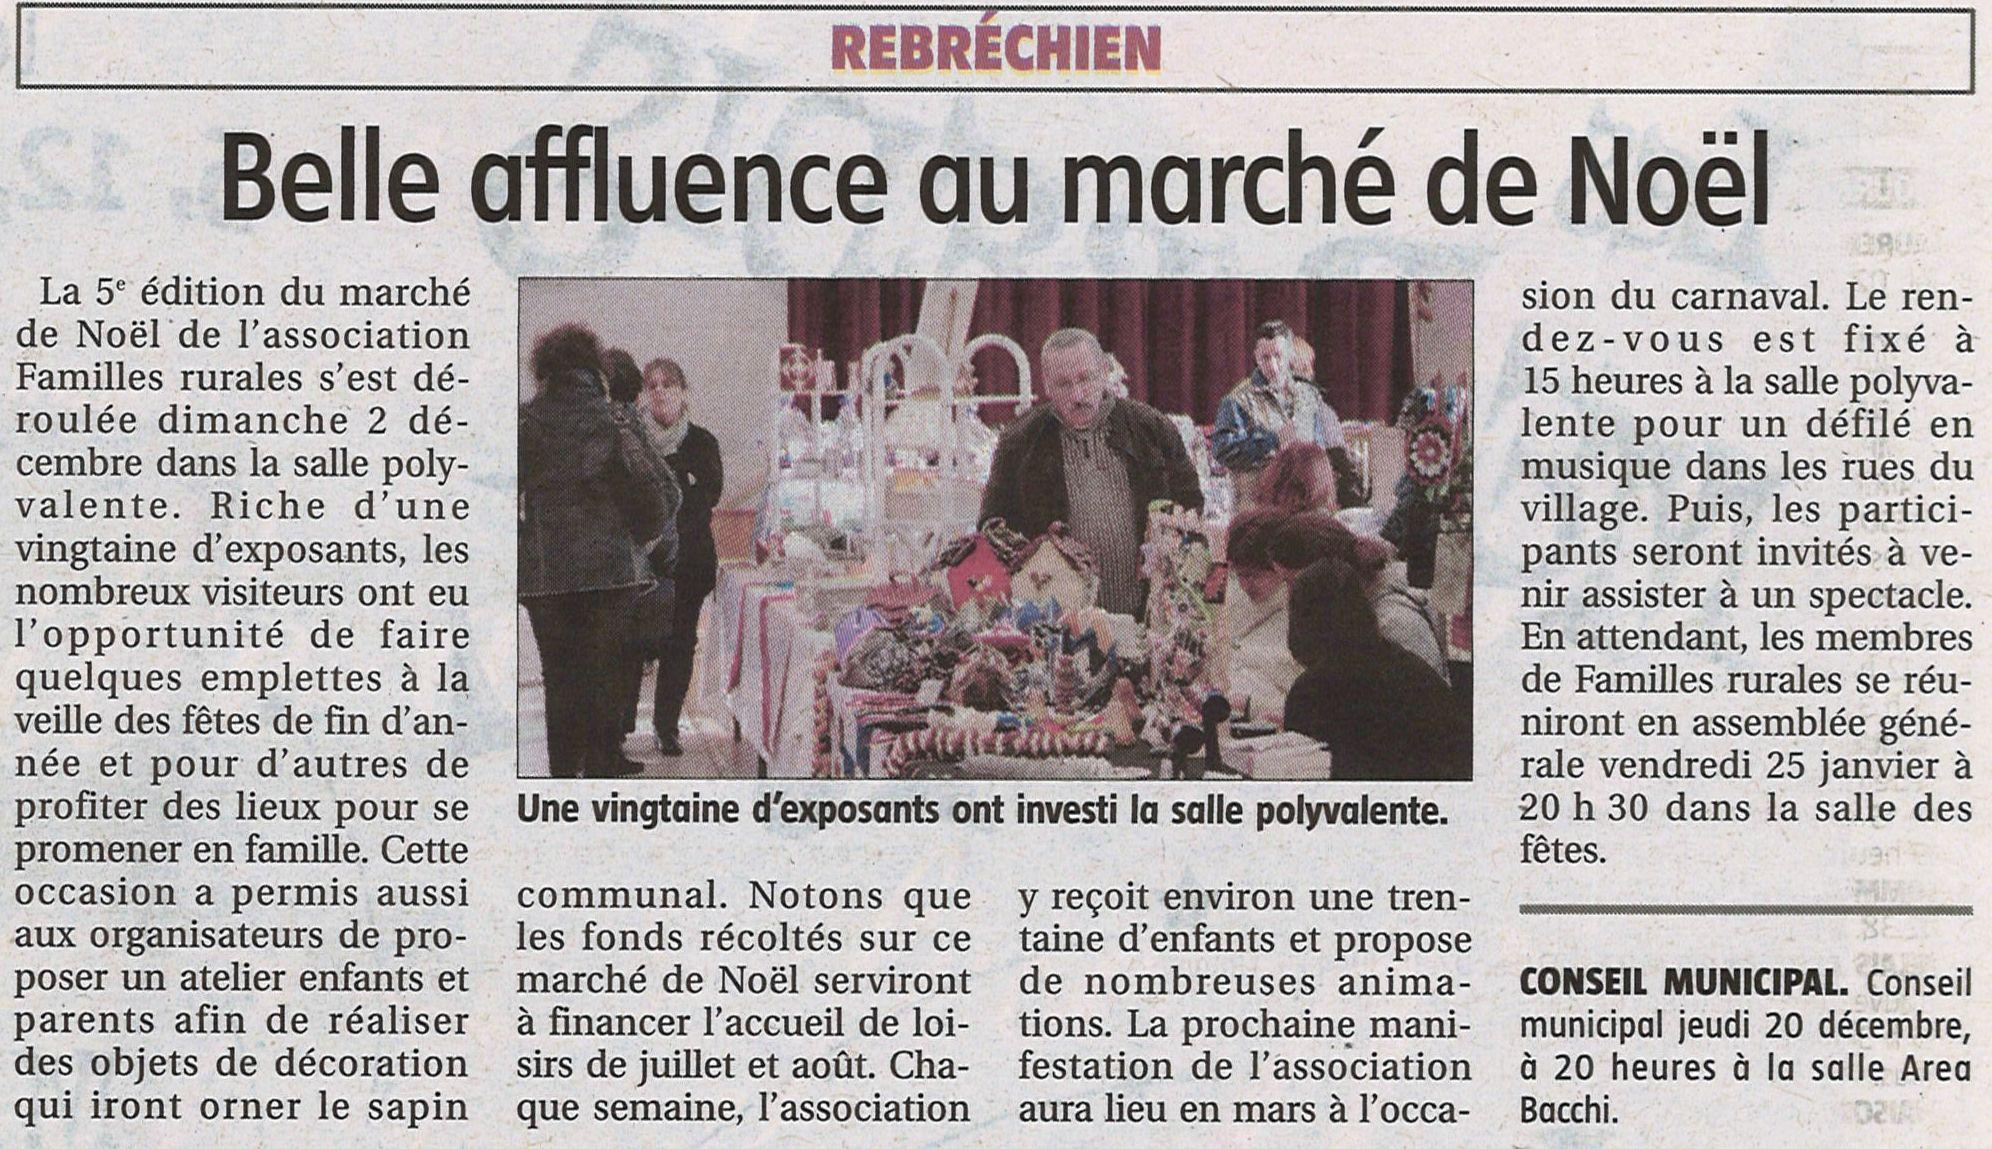 article de noel Marché de Noël 2012 | Rebréchien article de noel